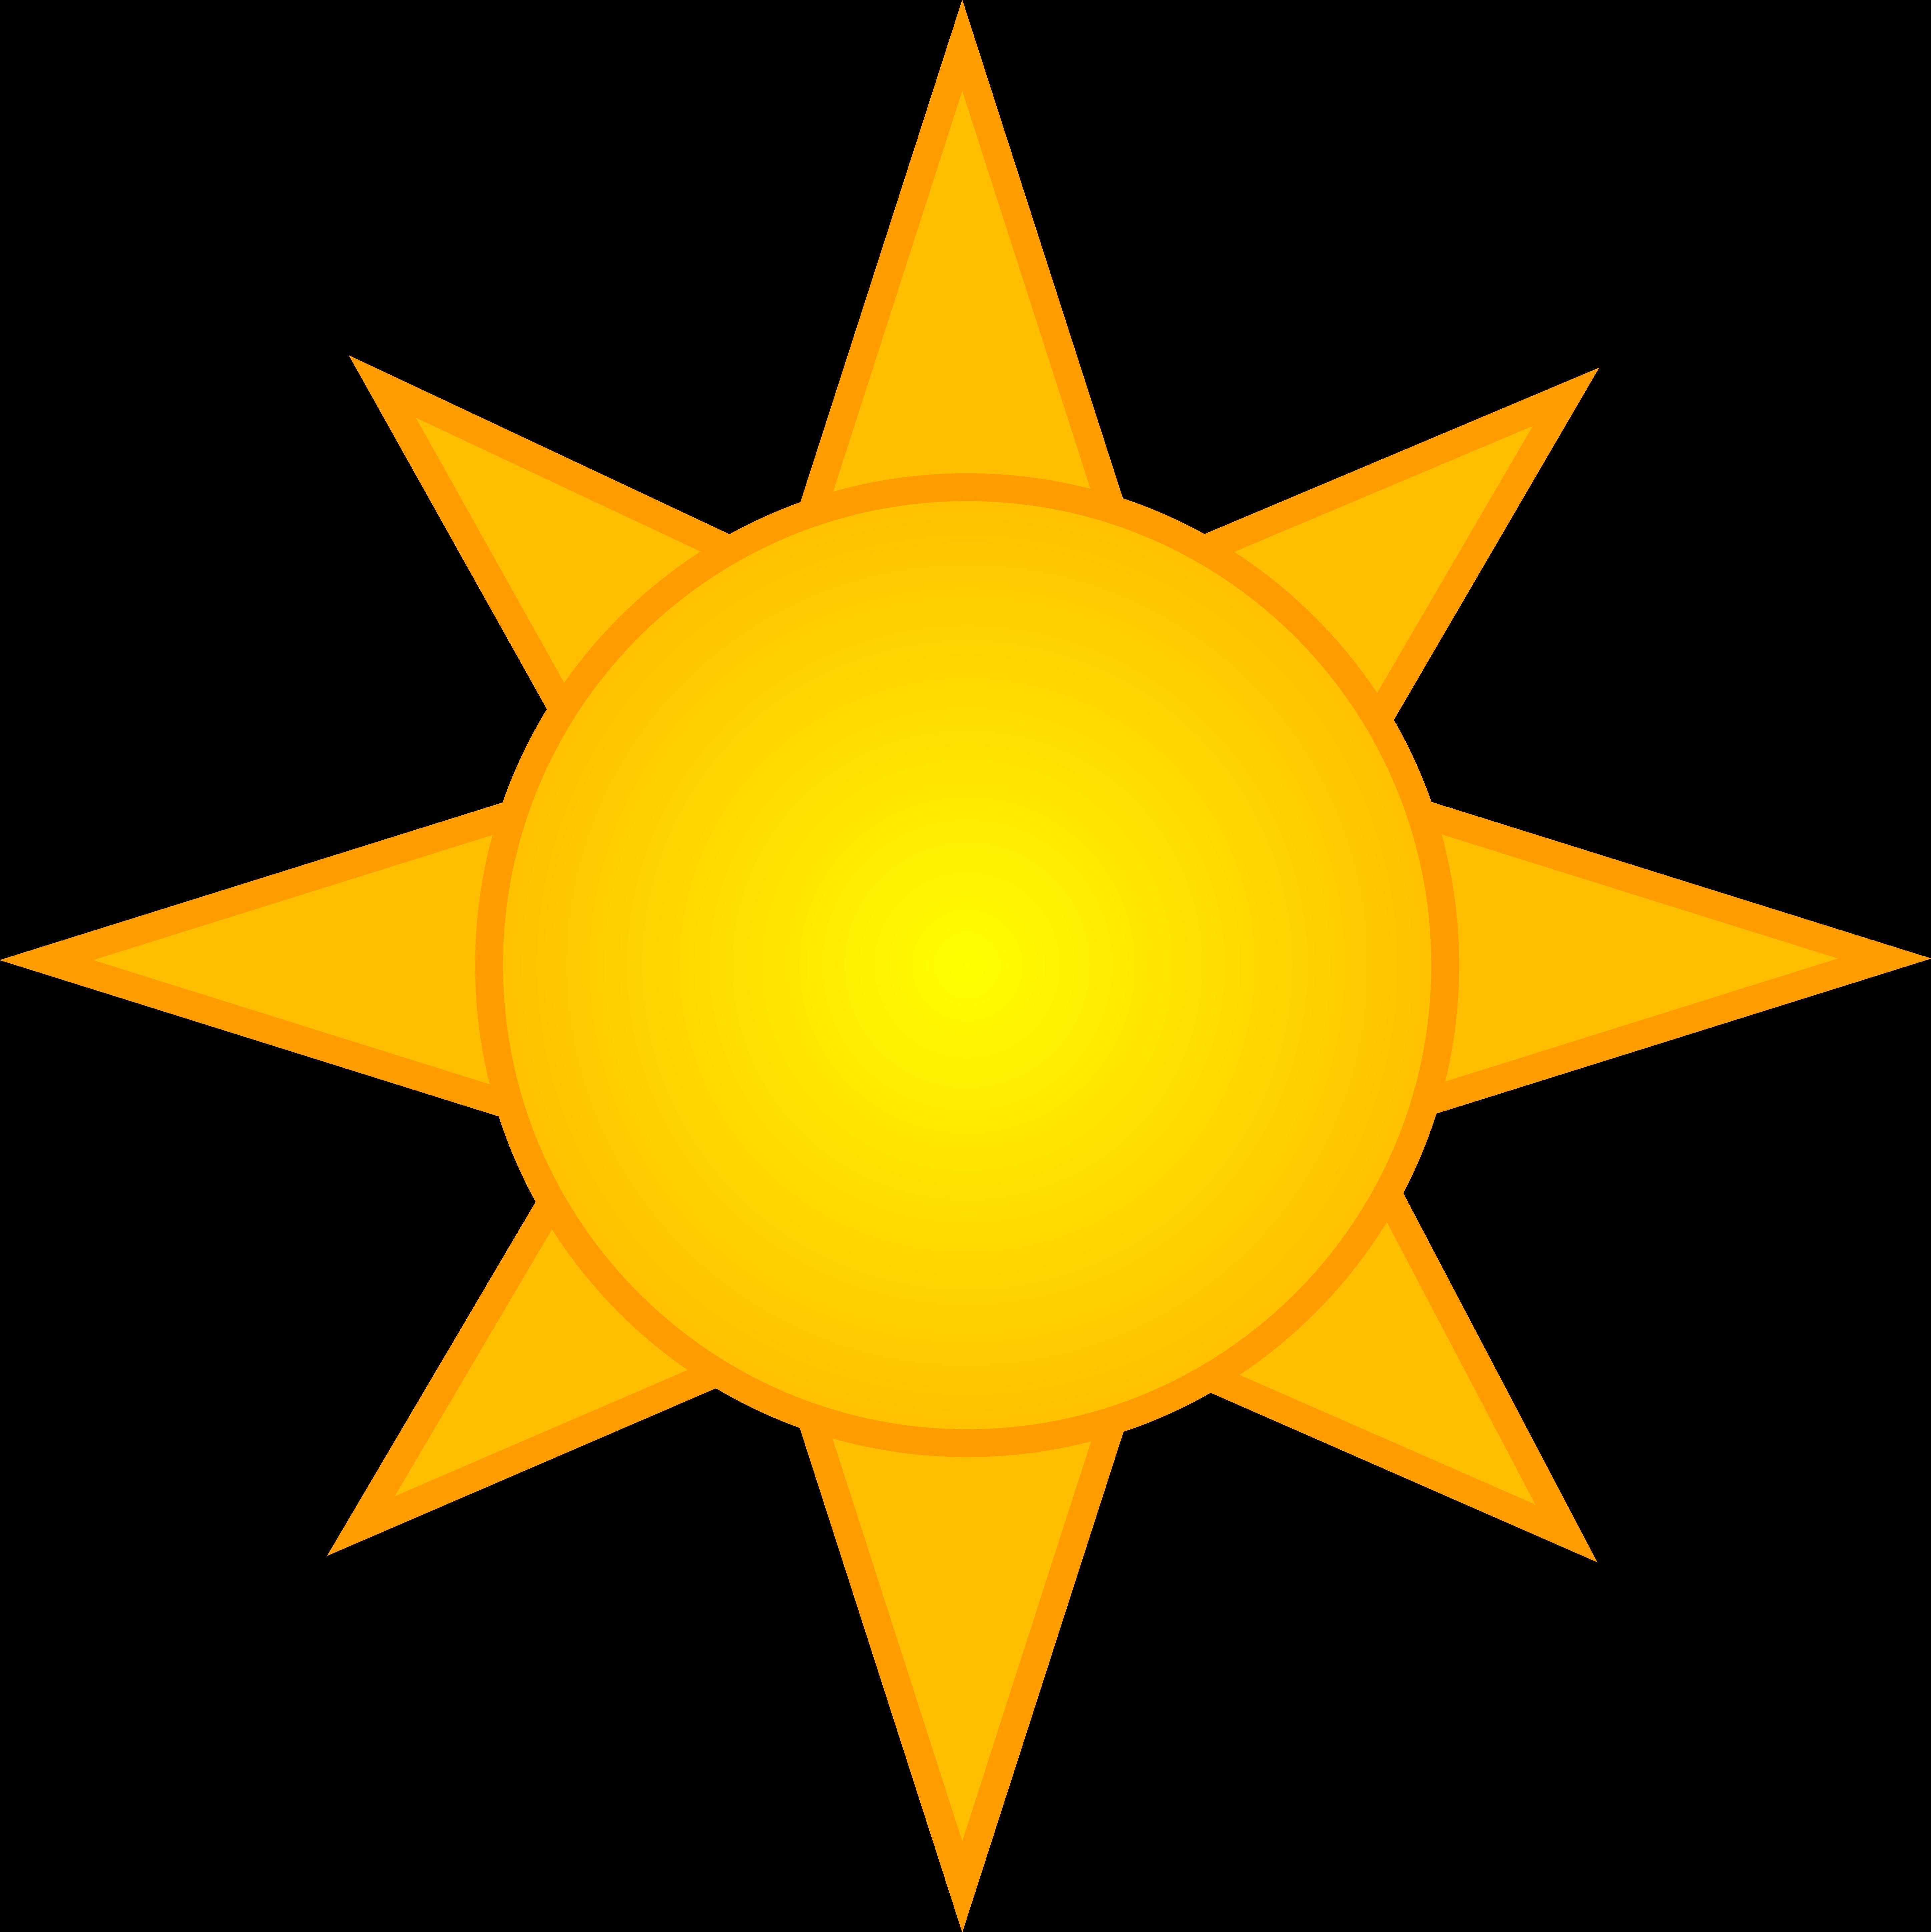 Sunny clipart cartoon. Scary sun cliparts zone